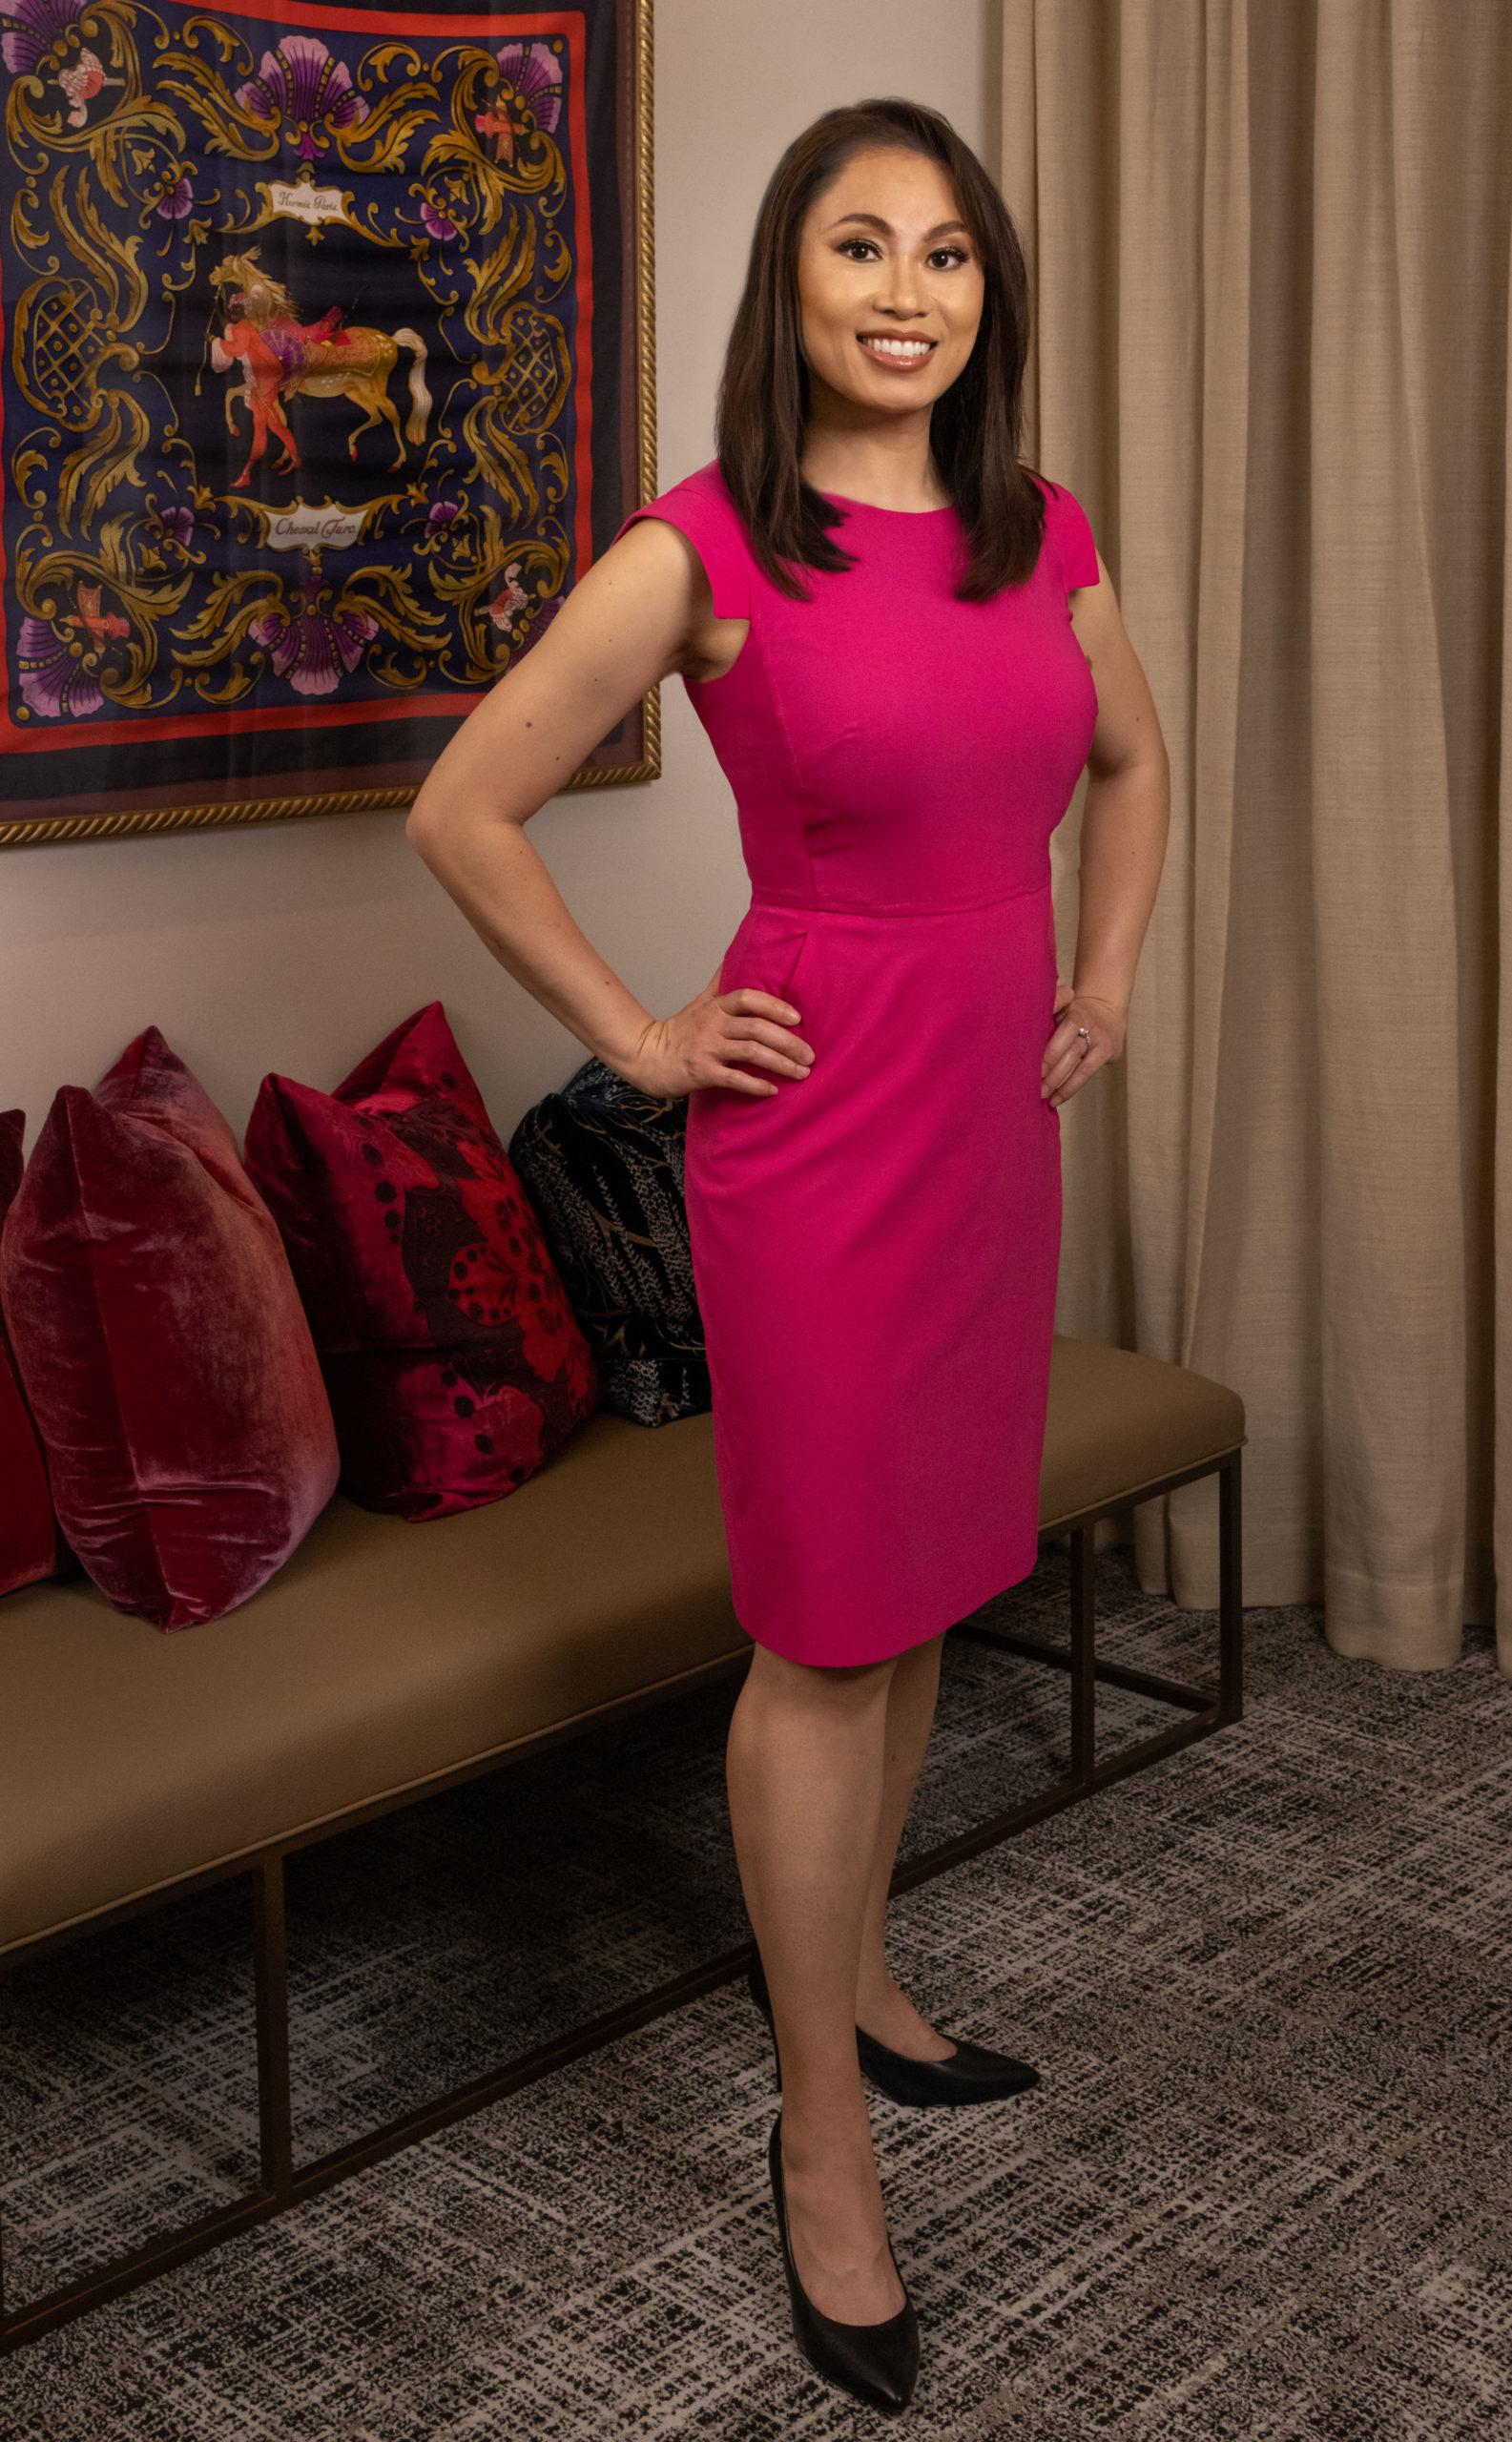 Dr. Tina Ho